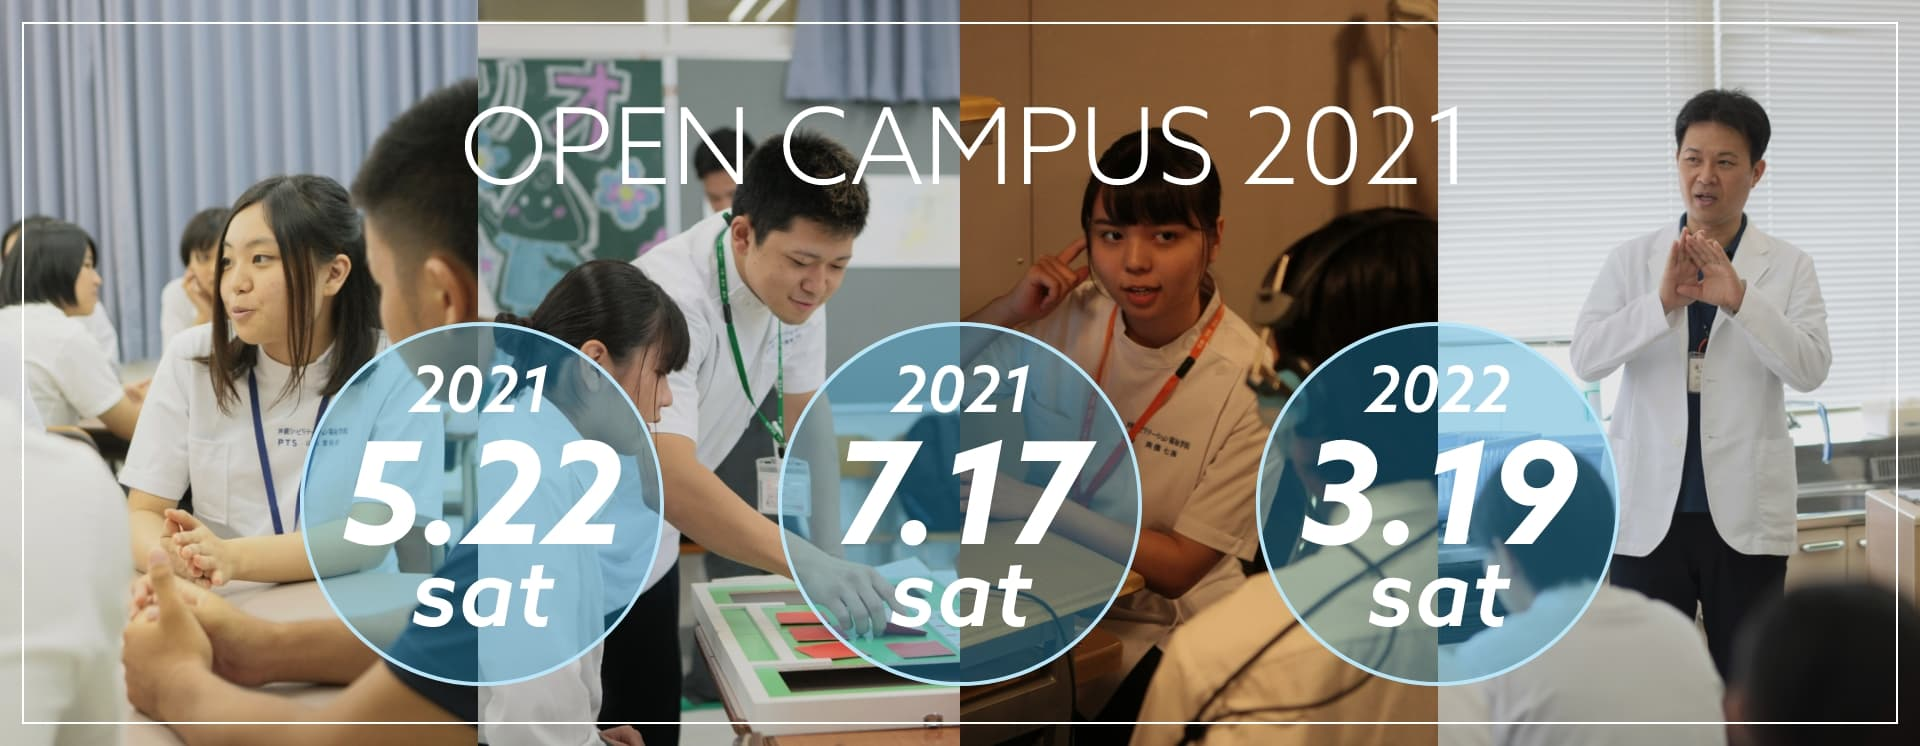 沖リハのオープンキャンパス2021-2022